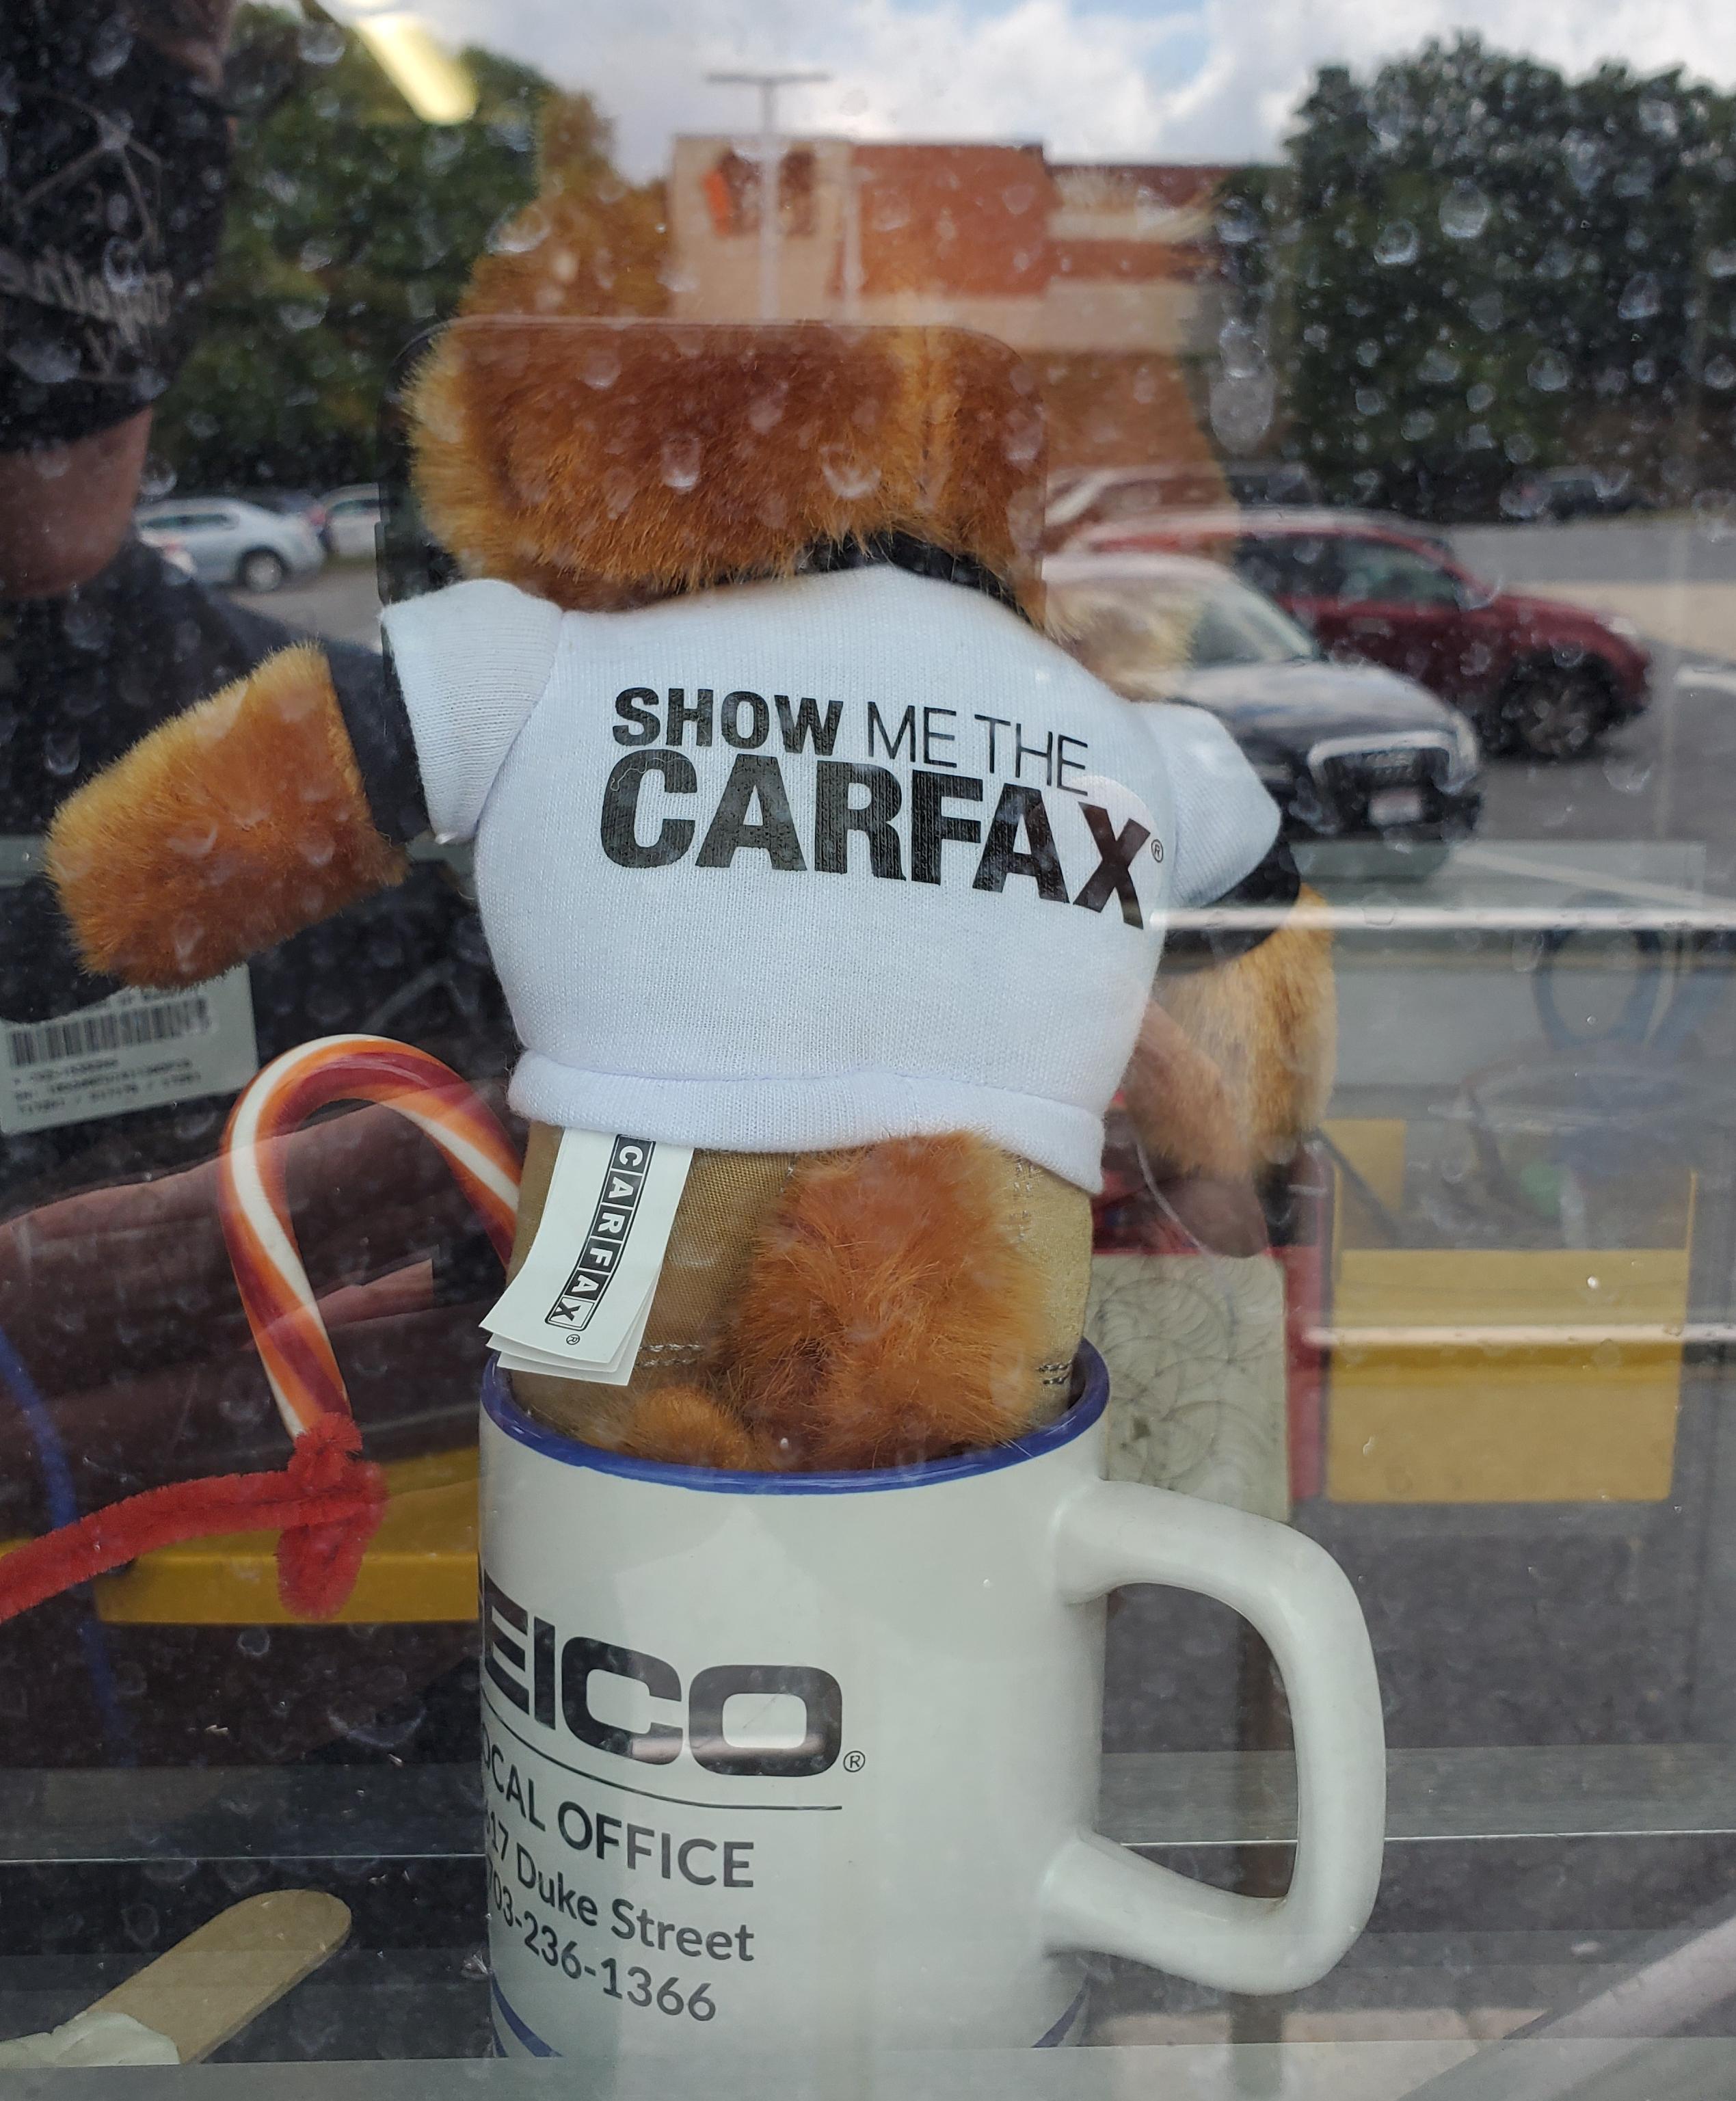 CarFax stuffed animal mascot in coffee cup